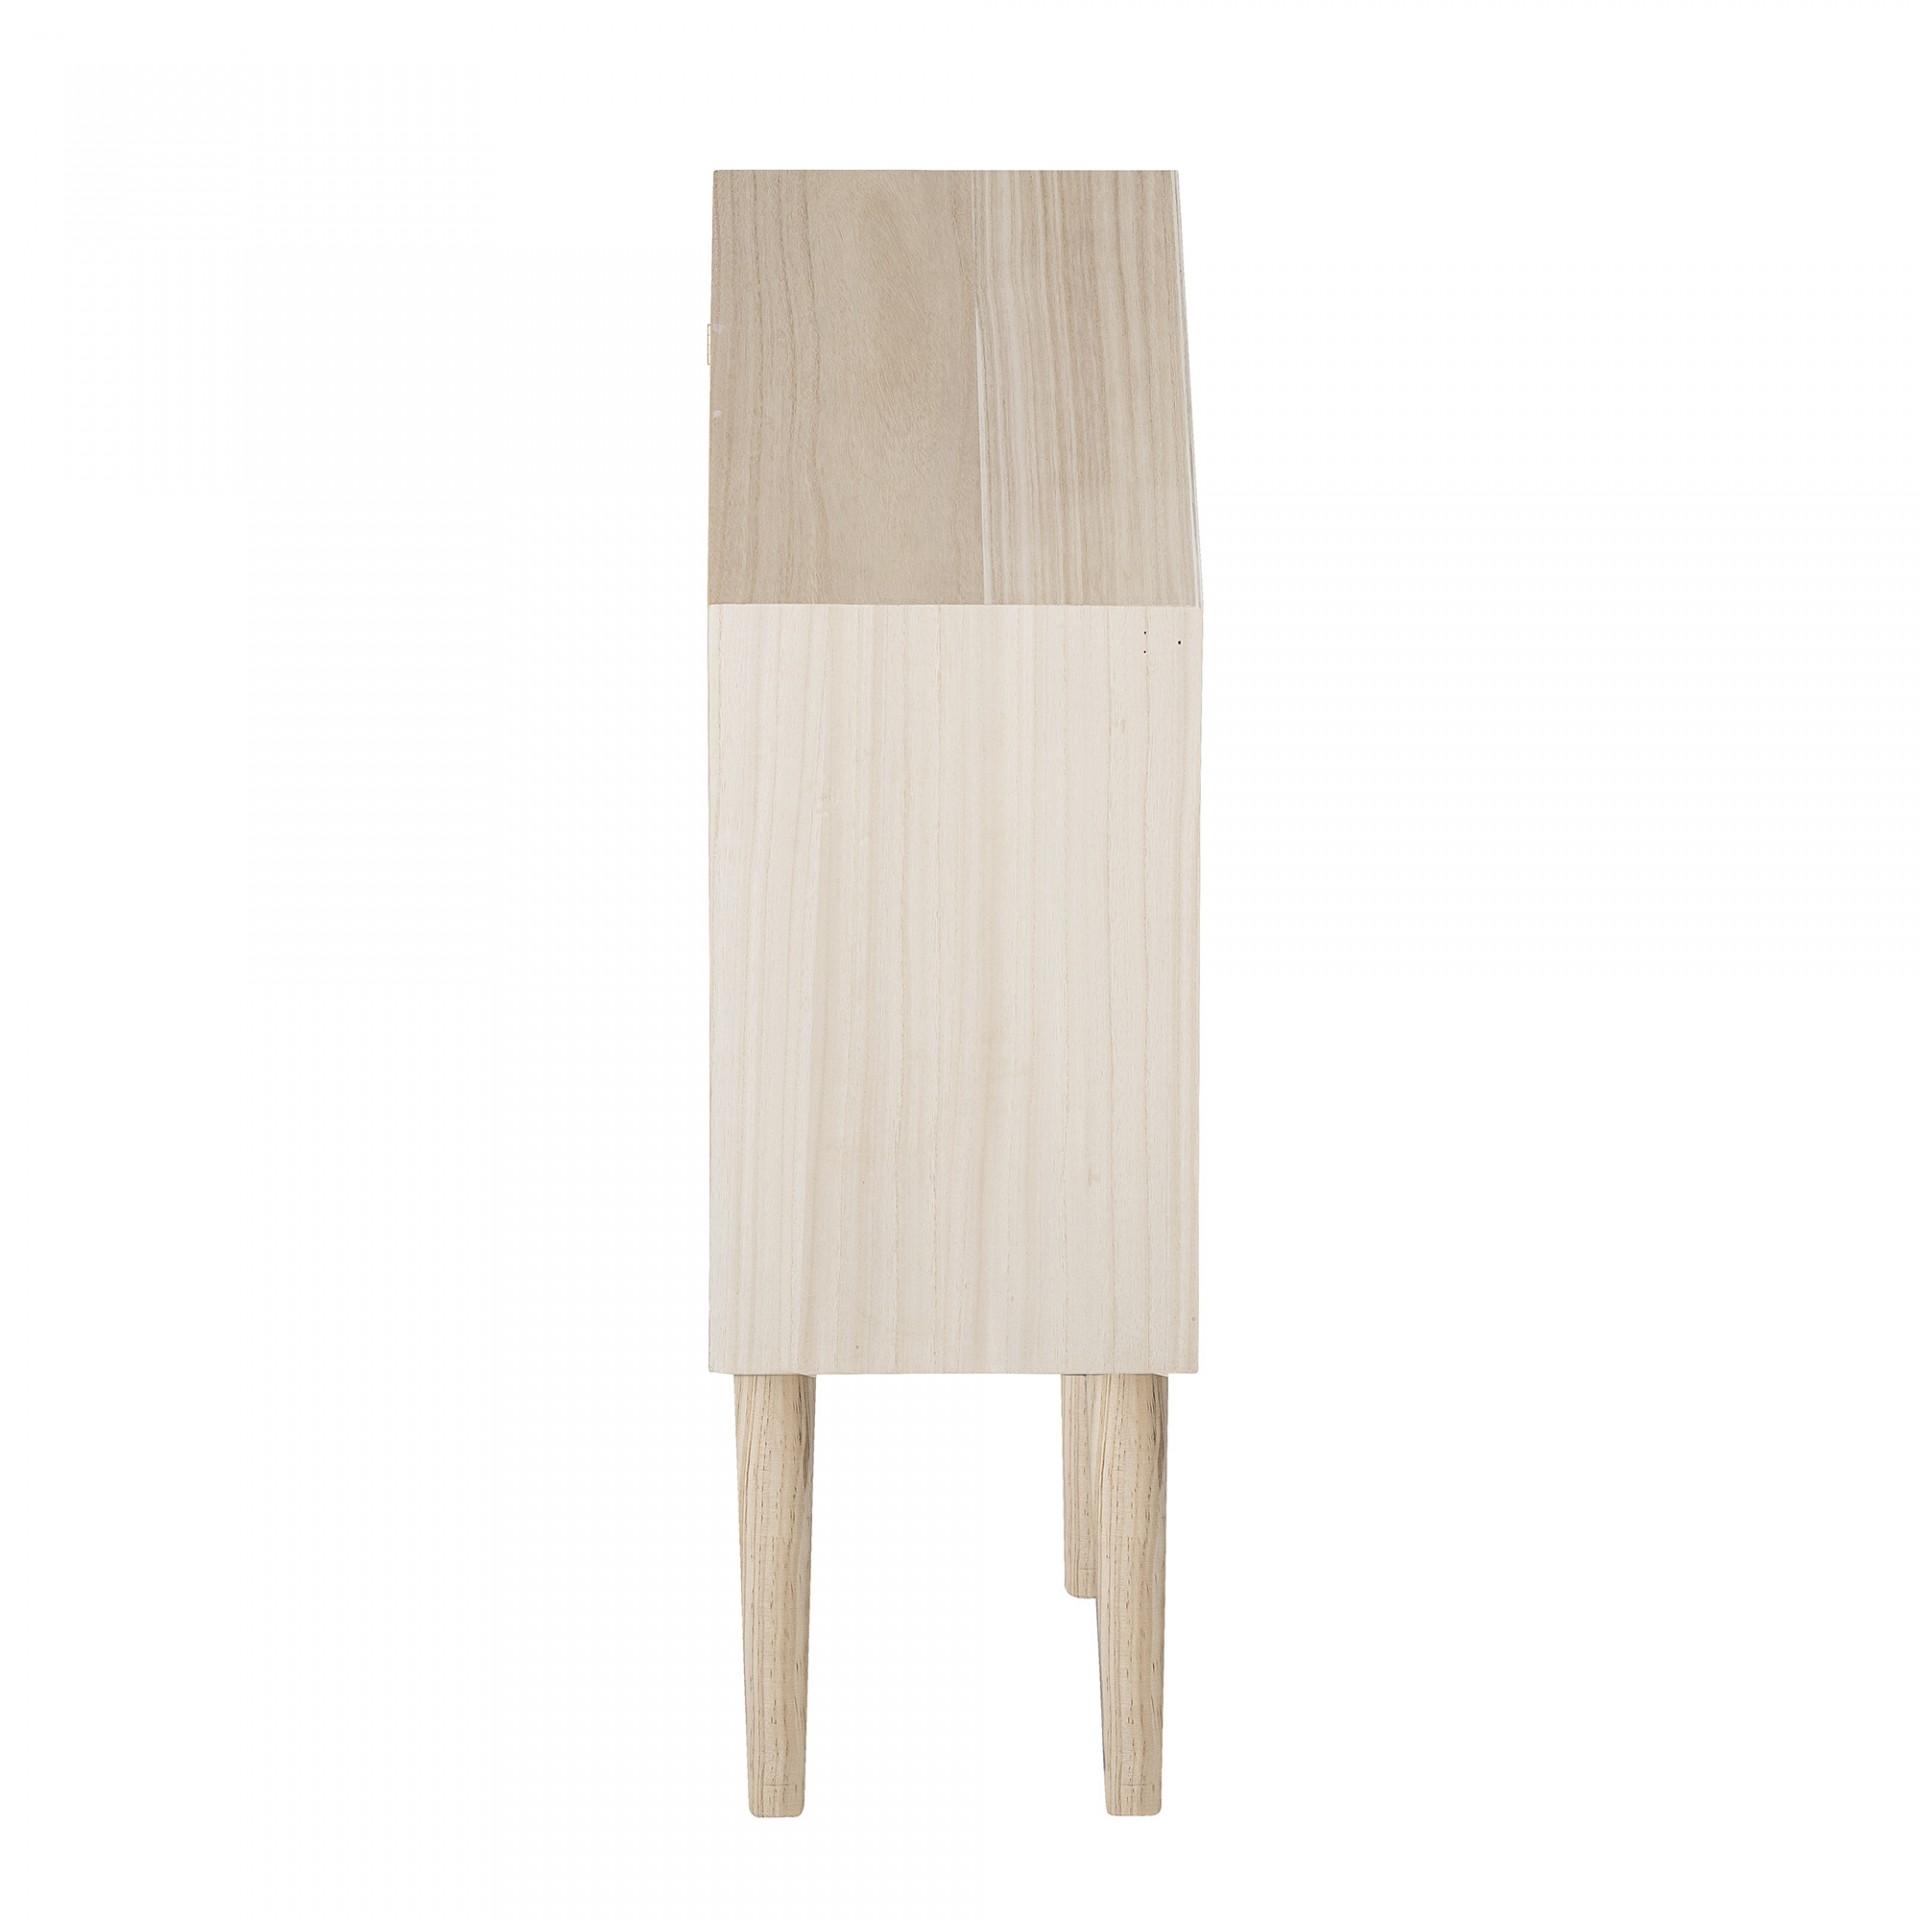 Estante infantil Dollhouse, madeira de pinho/Paulownia